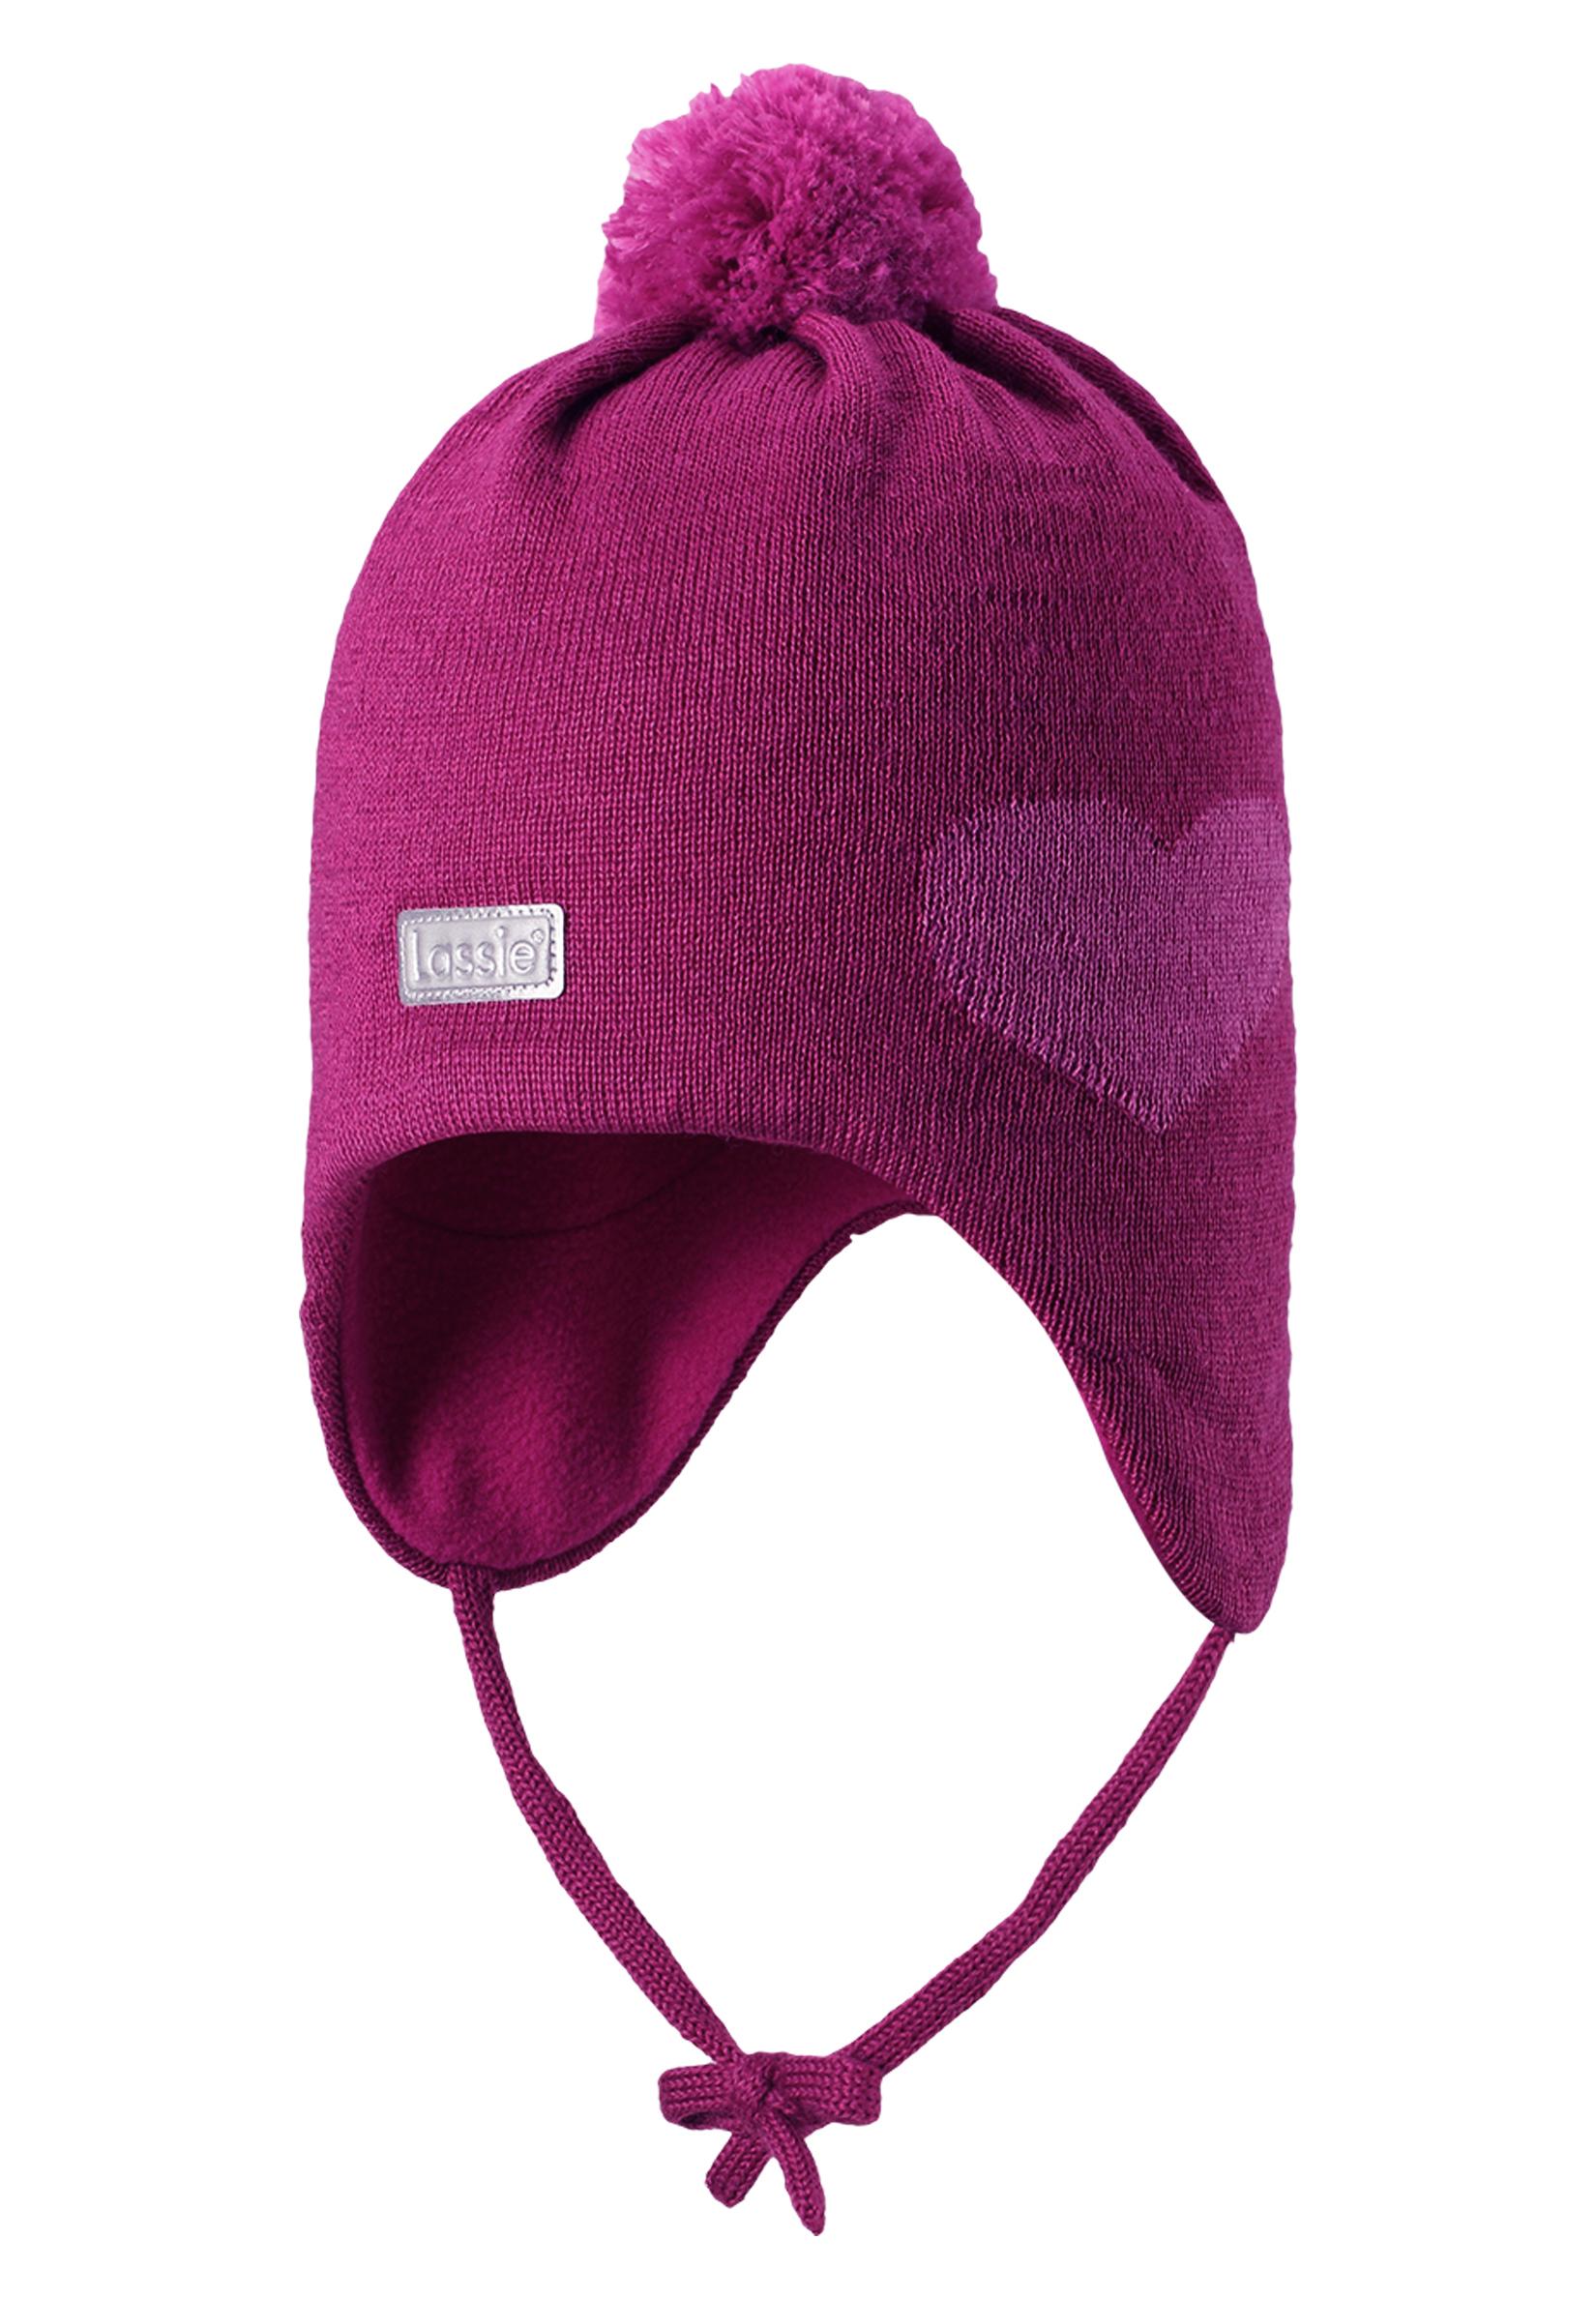 Шапка для девочки Reima розовый шапка для девочки lassie цвет розовый 7287185161 размер 50 52